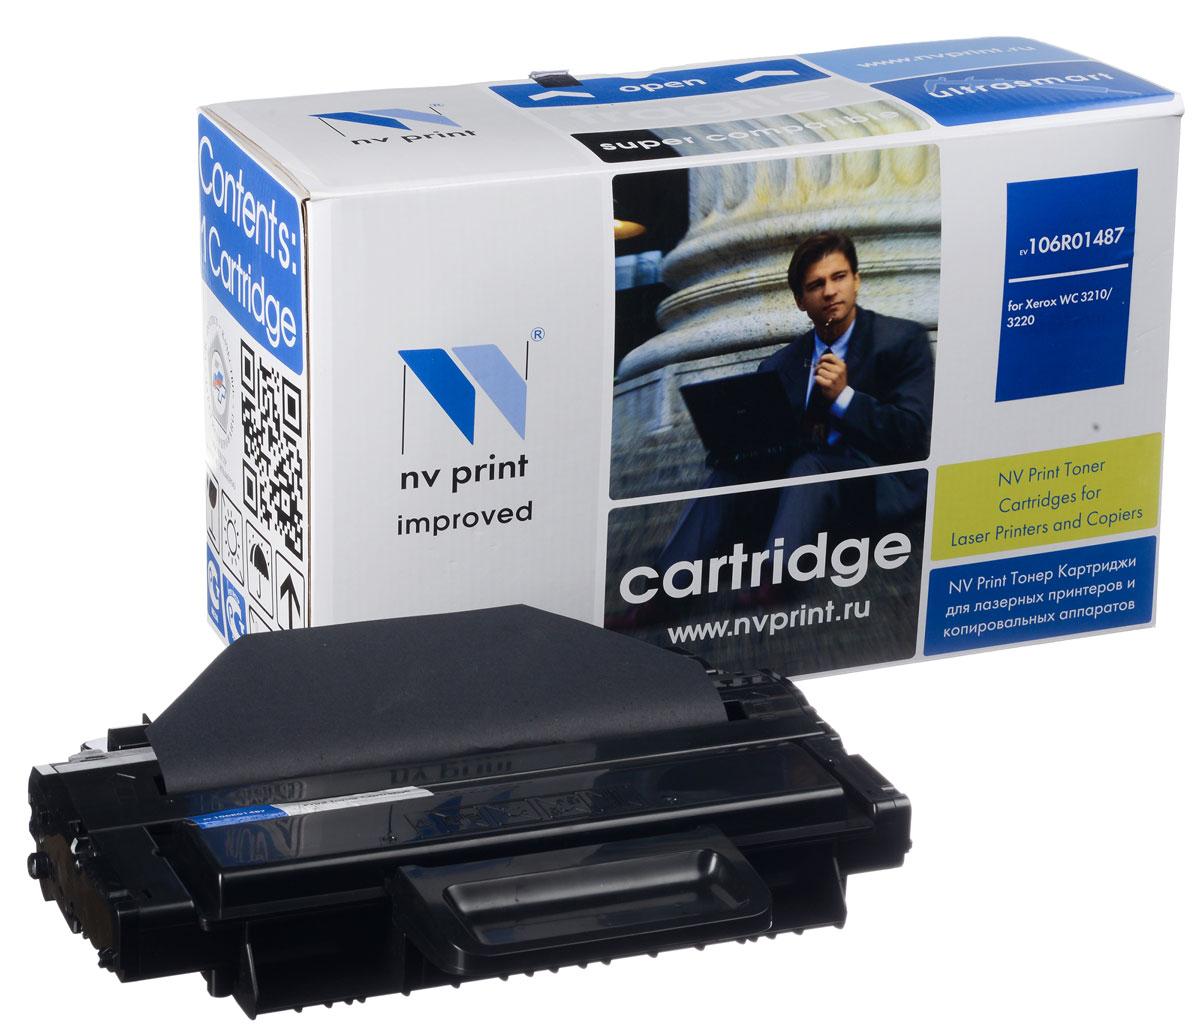 NV Print NV-106R01487, Black тонер-картридж для Xerox WC 3210/3220NV-106R01487Совместимый лазерный картридж NV Print NV-106R01487 для печатающих устройств Xerox - это альтернатива приобретению оригинальных расходных материалов. При этом качество печати остается высоким. Картридж обеспечивает повышенную чёткость чёрного текста и плавность переходов оттенков серого цвета и полутонов, позволяет отображать мельчайшие детали изображения. Лазерные принтеры, копировальные аппараты и МФУ являются более выгодными в печати, чем струйные устройства, так как лазерных картриджей хватает на значительно большее количество отпечатков, чем обычных. Для печати в данном случае используются не чернила, а тонер.